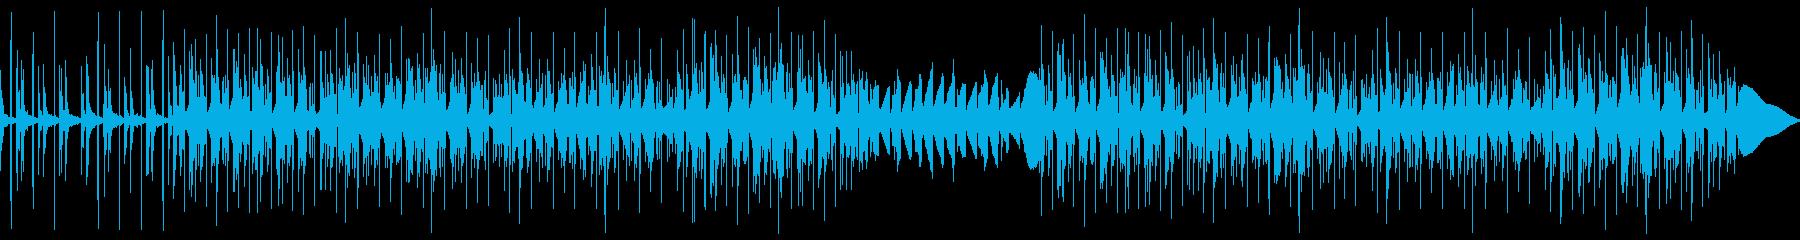 チルアウト幻想的なトラップビートBGMの再生済みの波形